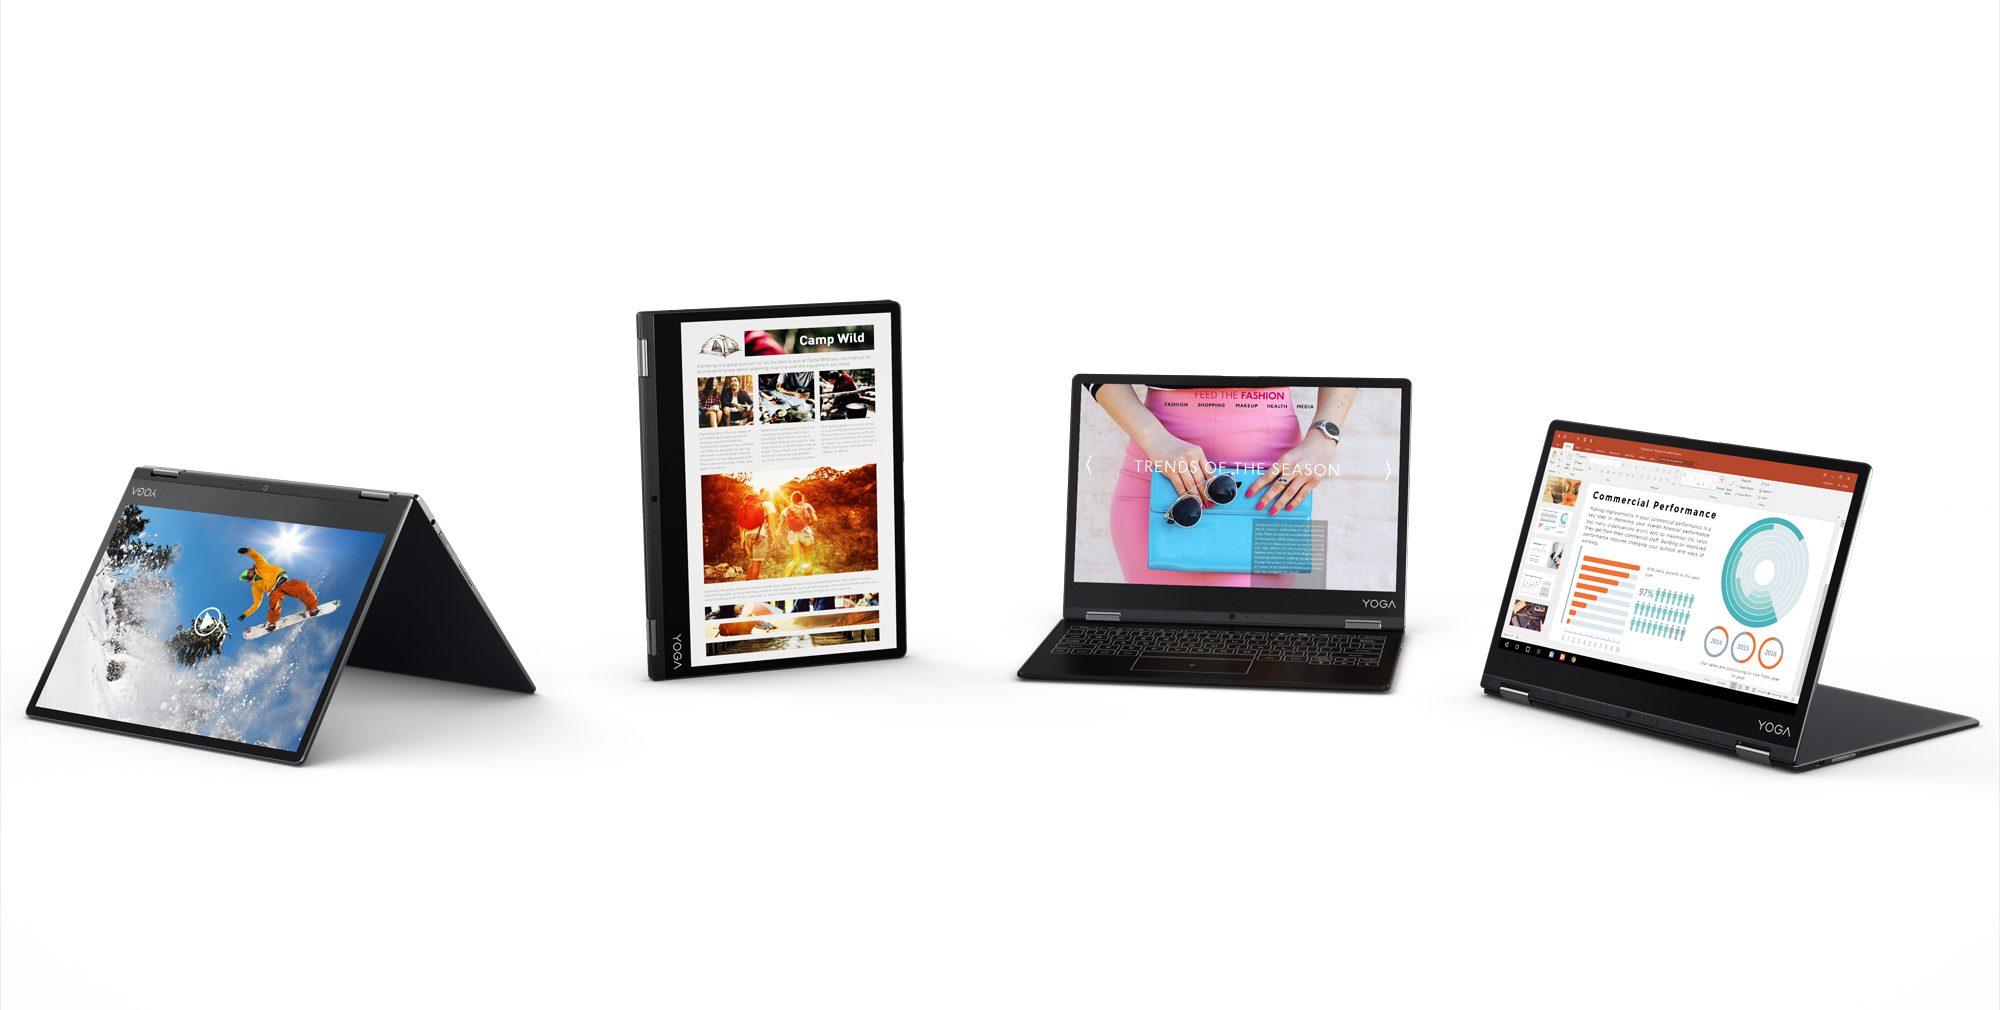 Lenovo wie, jak sprzedawać komputery i bije kolejne rekordy